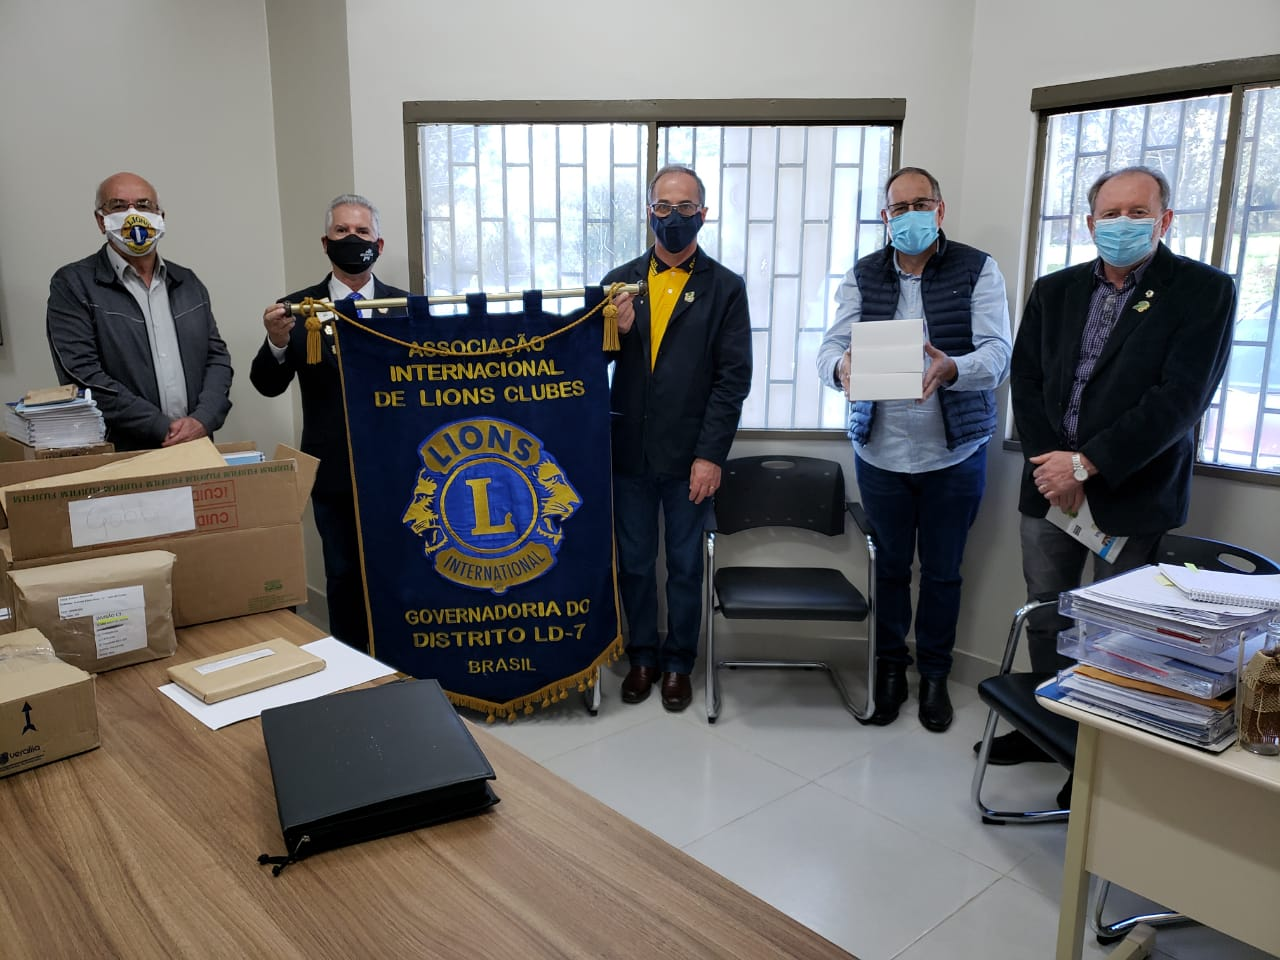 Distrito Lions L D-7 efetua doação de testes para Covid-19 ao Hospital de Olhos Lions